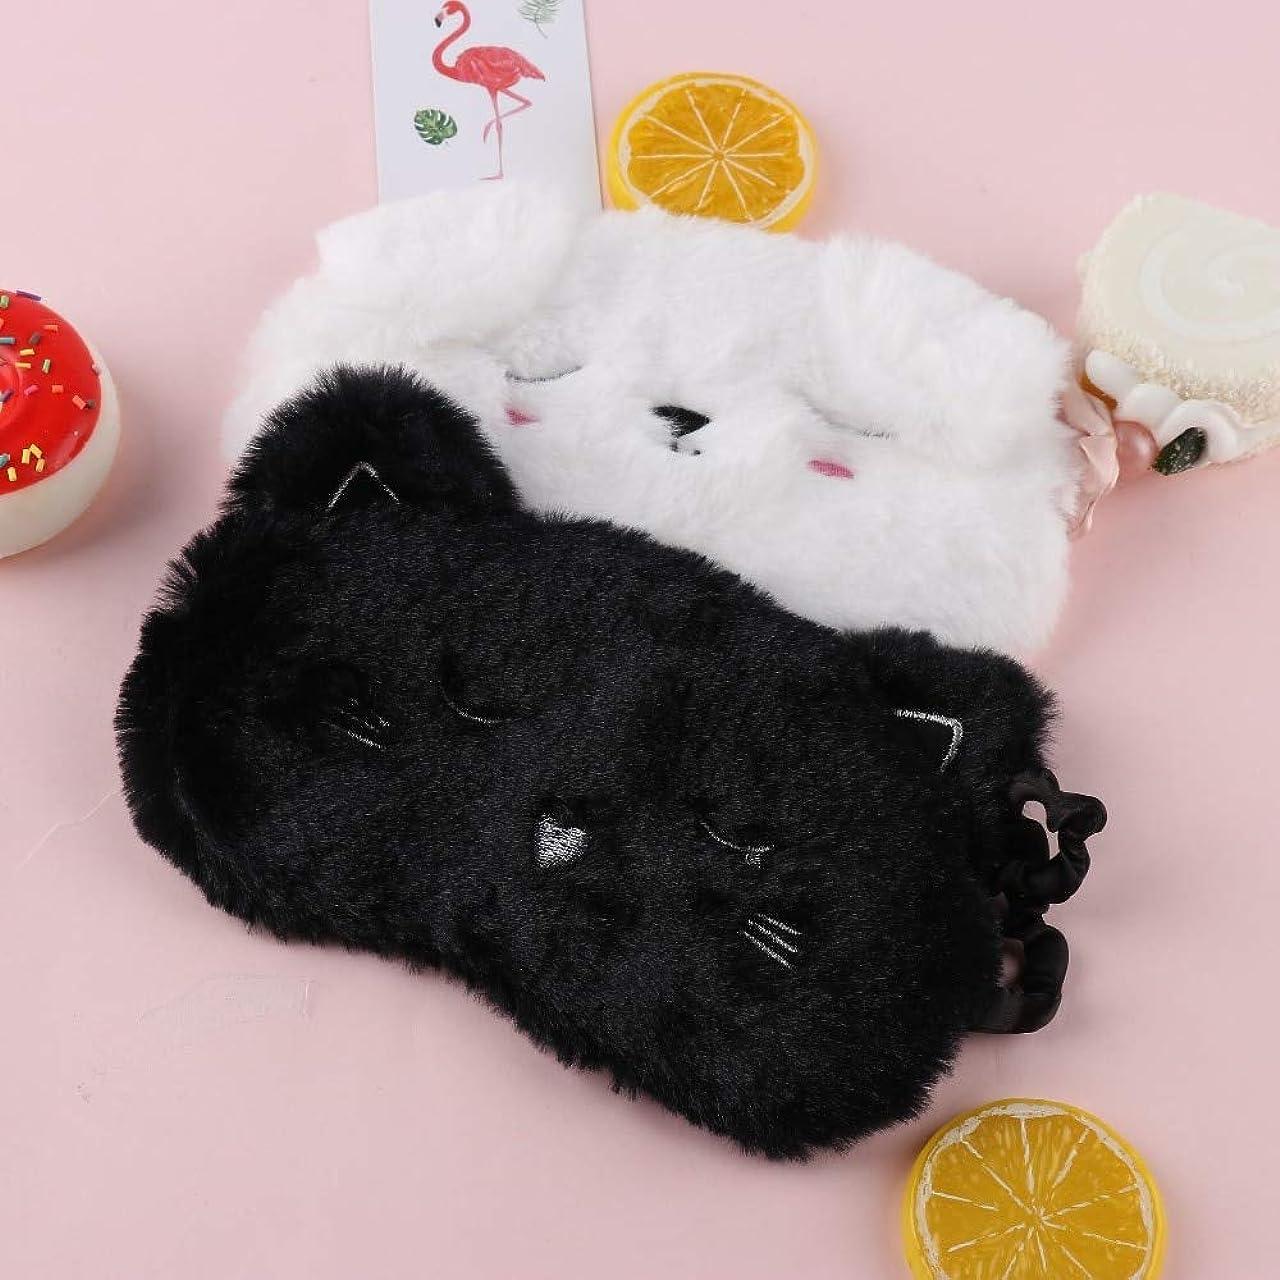 タイピスト値する気分が良いNOTE 漫画黒白猫子猫アイマスクホームトラベルゴーグルシェーディング睡眠仮眠アイマスク睡眠&いびきアイマスク睡眠アイシェード